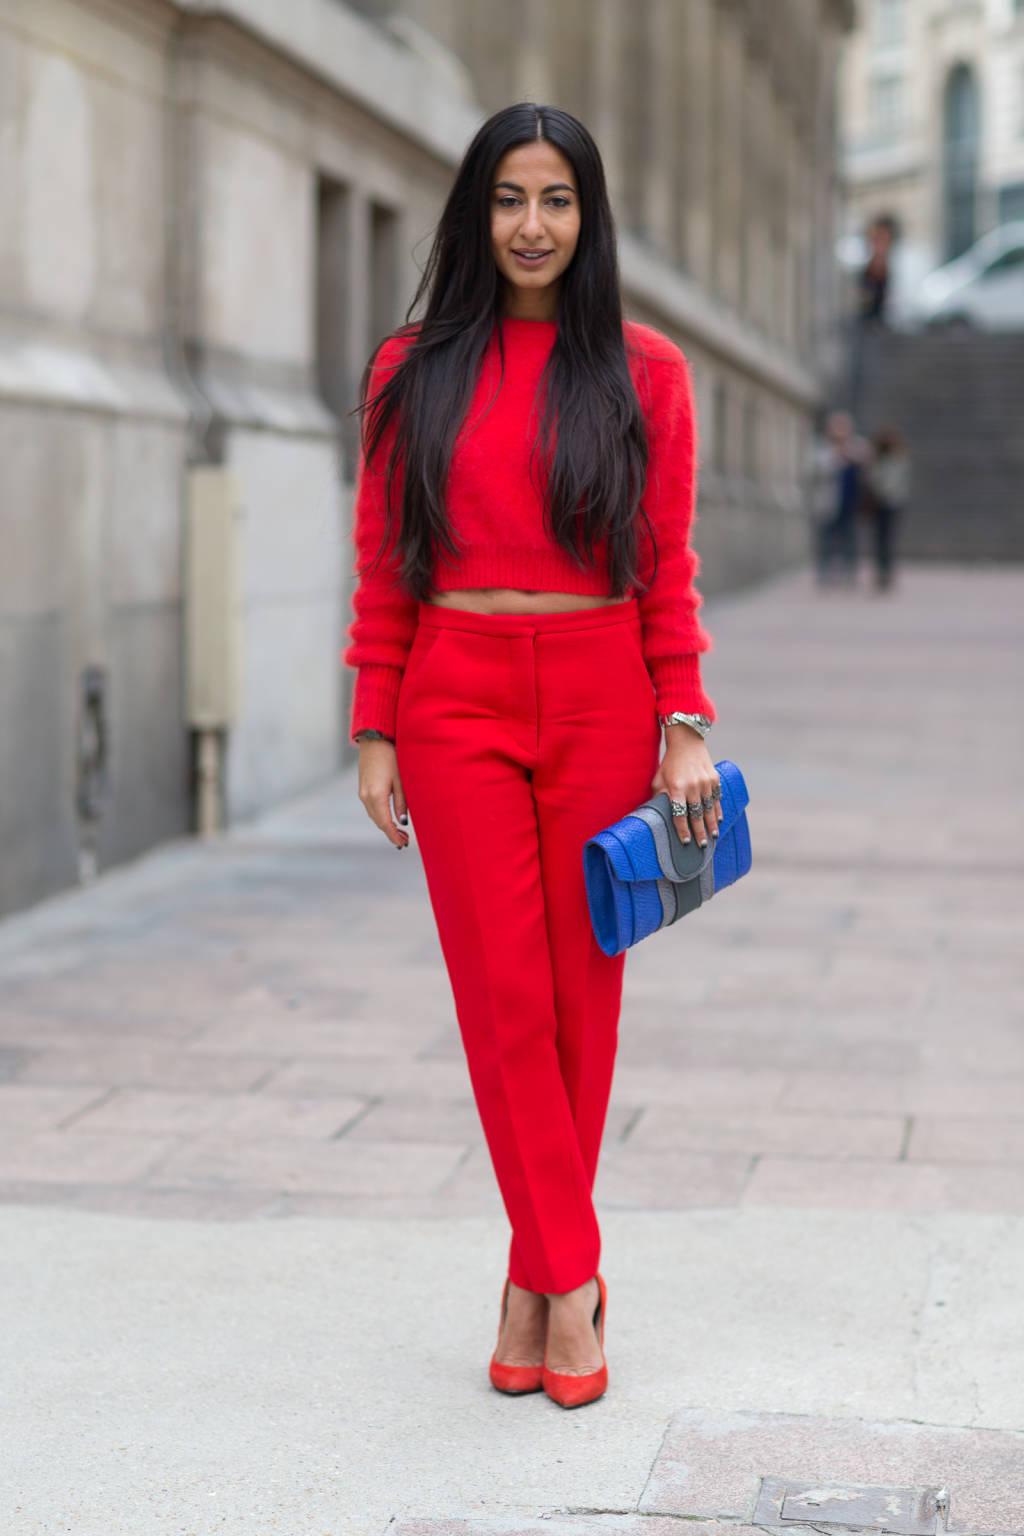 Если Вас интересует, с чем носить красный цвет, то вариантов сочетания много. И вы все их увидите в нашем обзоре.